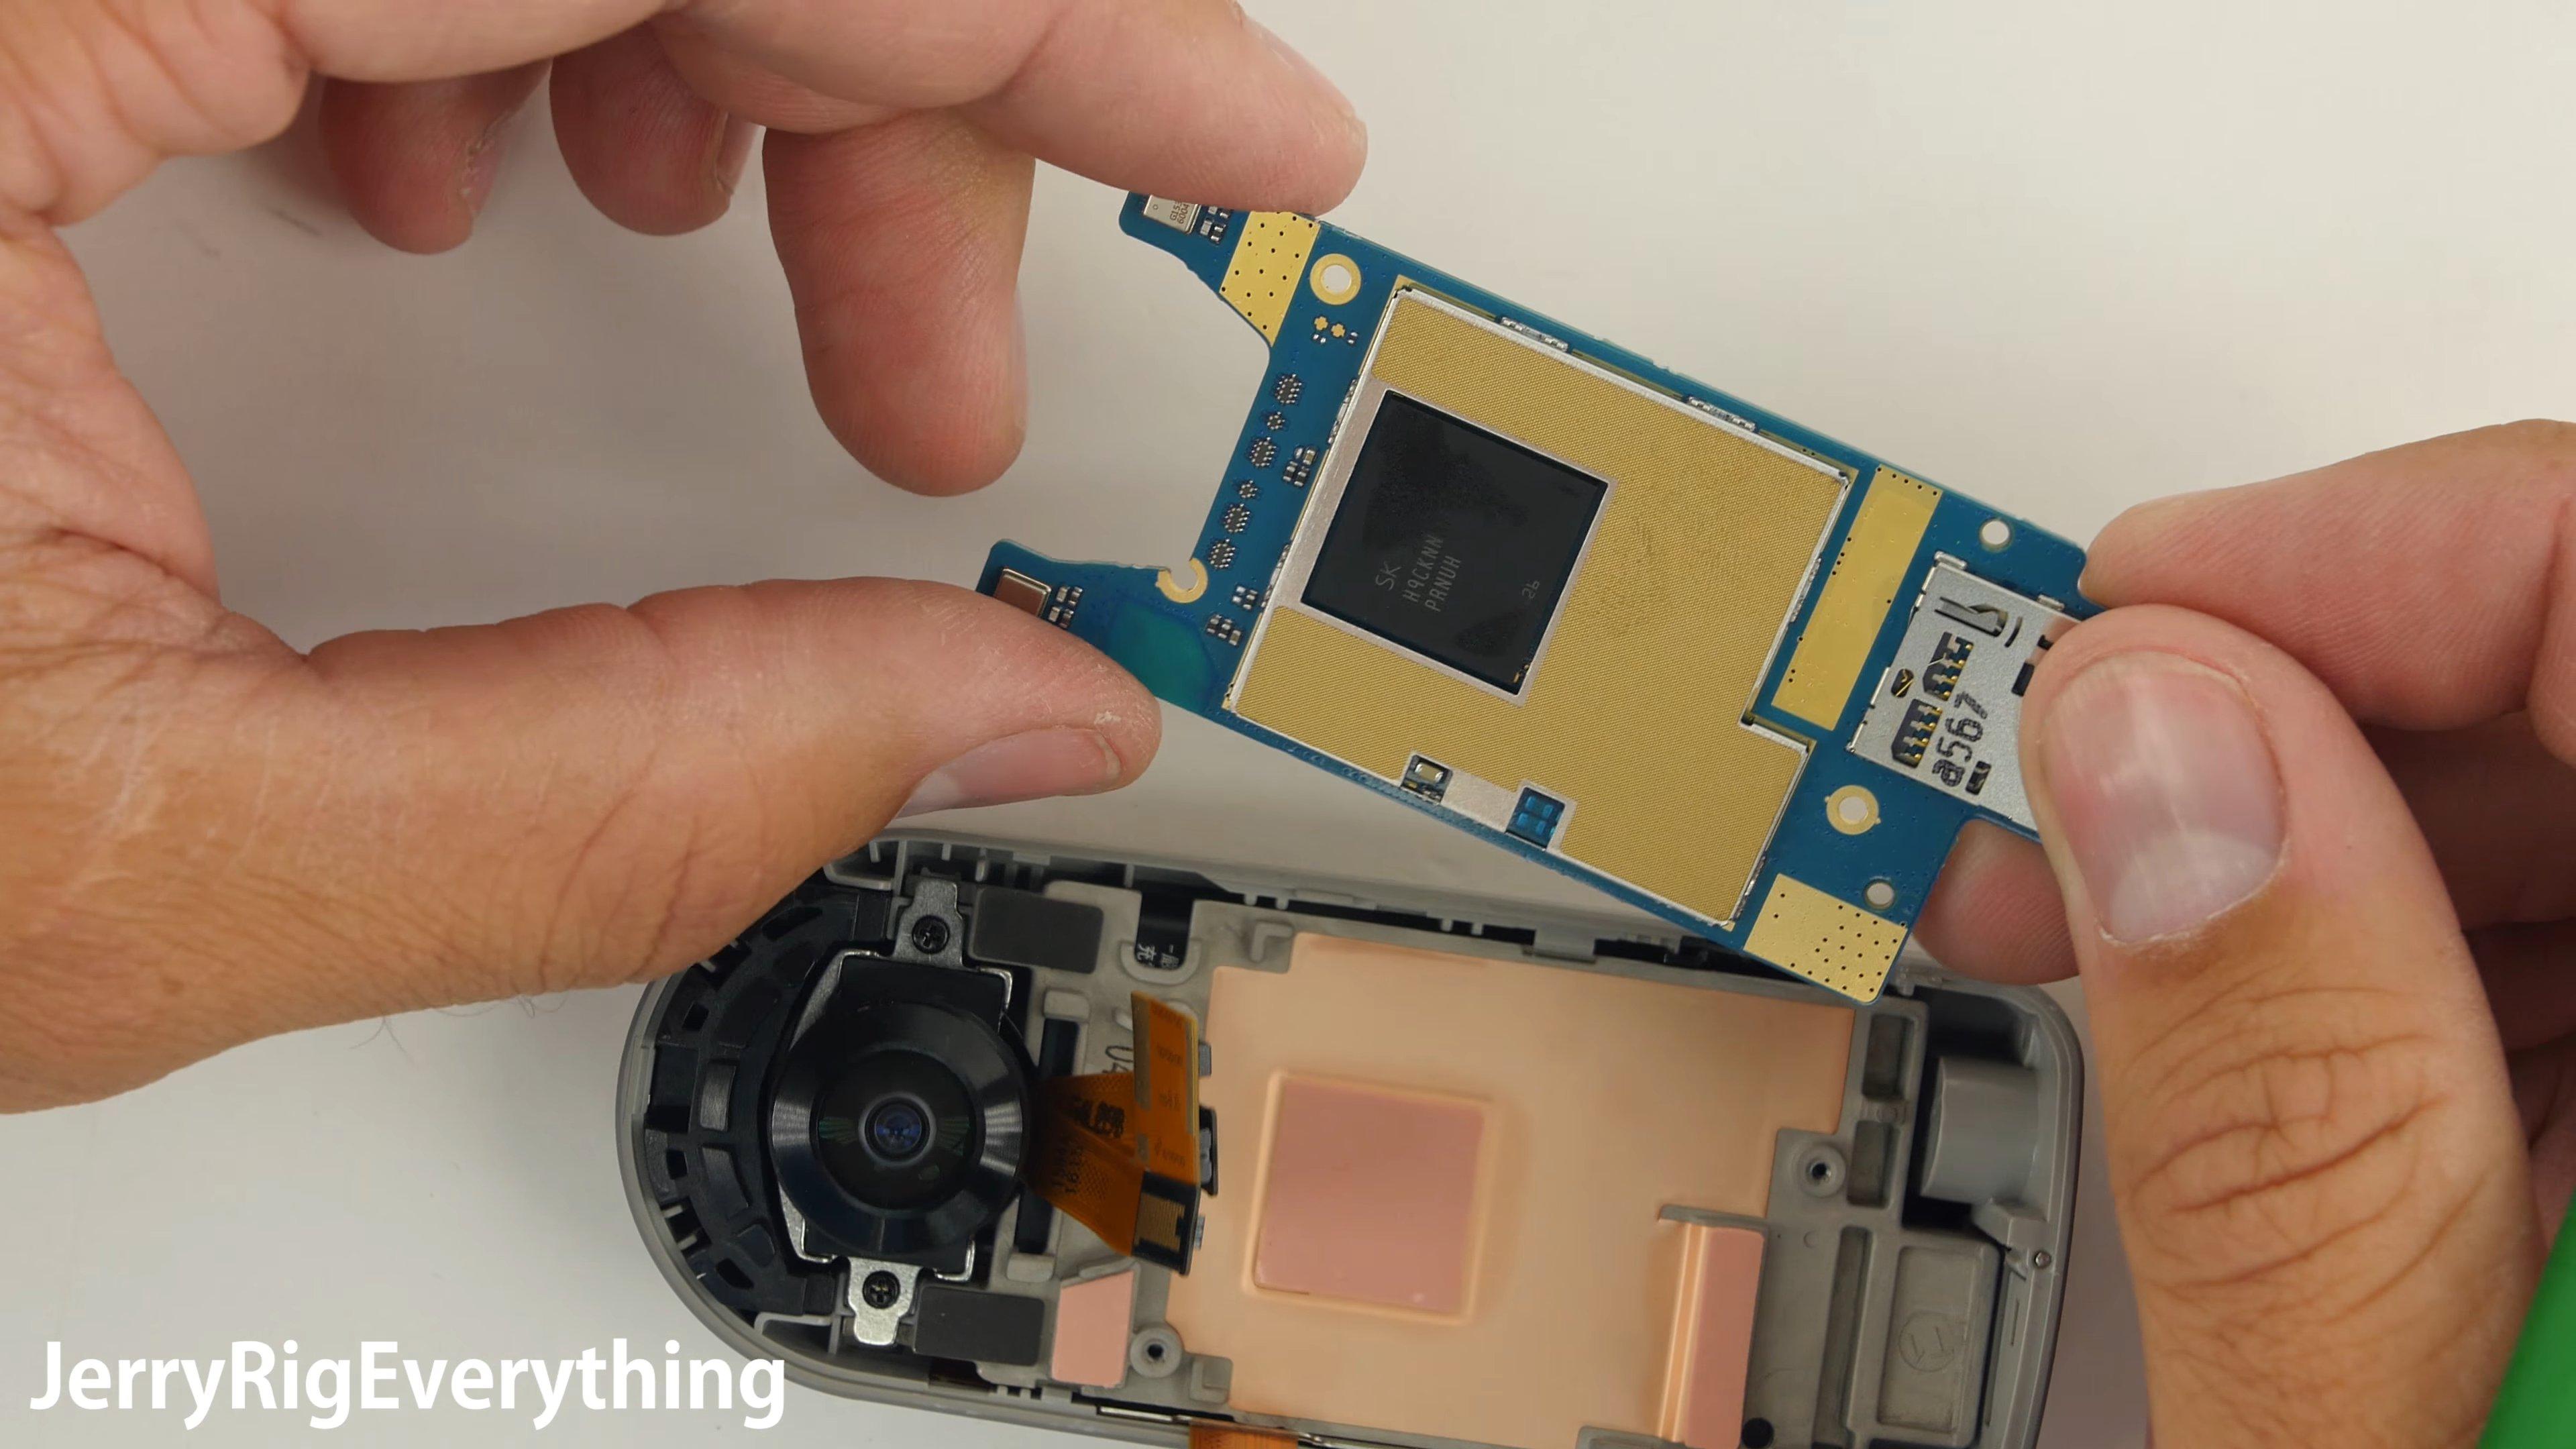 La memoria interna en la LG 360 CAM está integrada en un chip de la placa base como se ve en este despiece de iFixit.